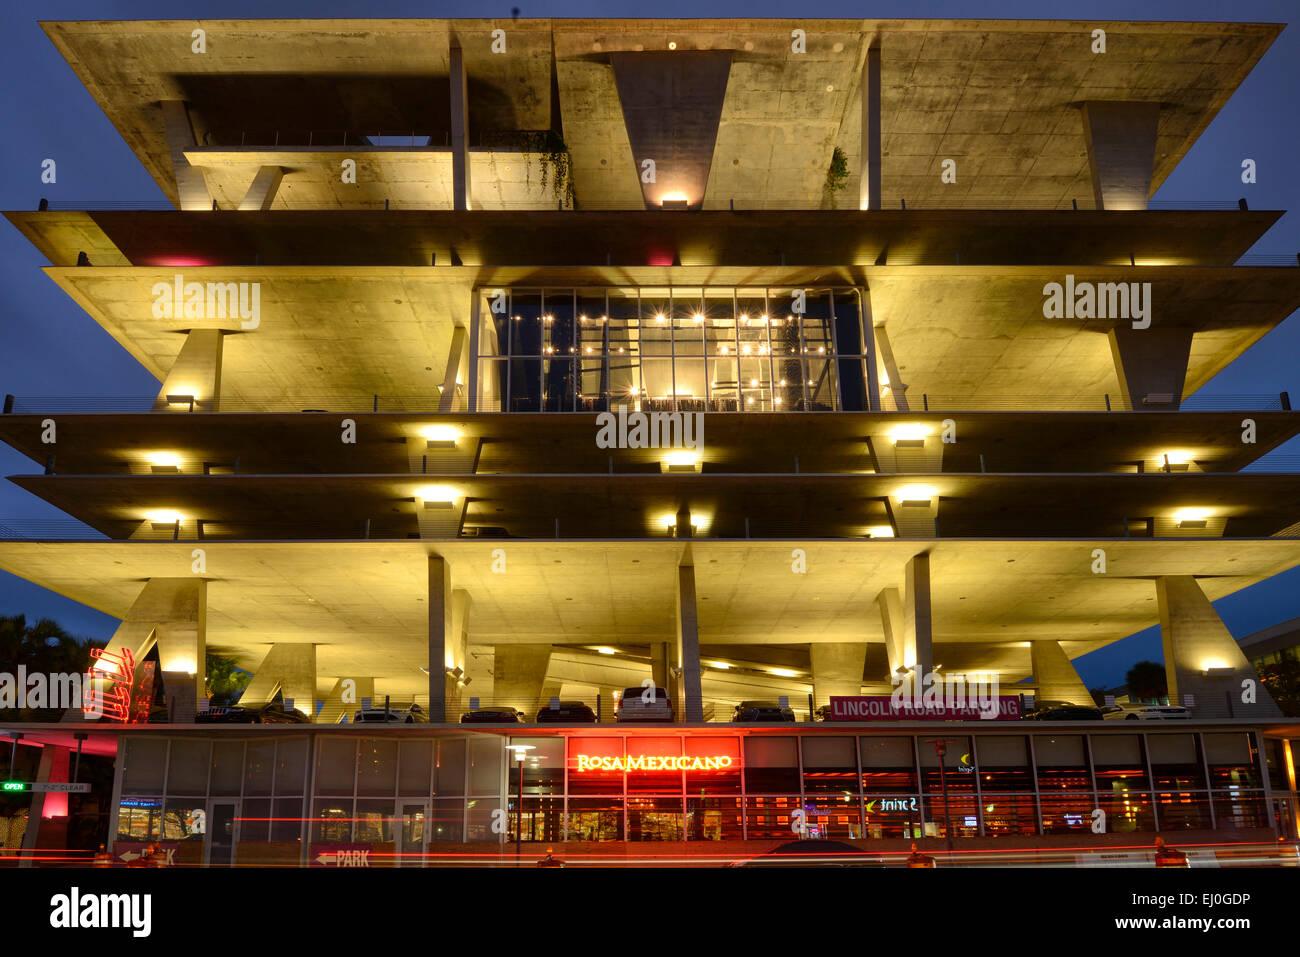 USA, Florida, Dade County, Miami, Miami Beach, 1111 Lincoln Road, parking garage by Herzog & de Meuron - Stock Image